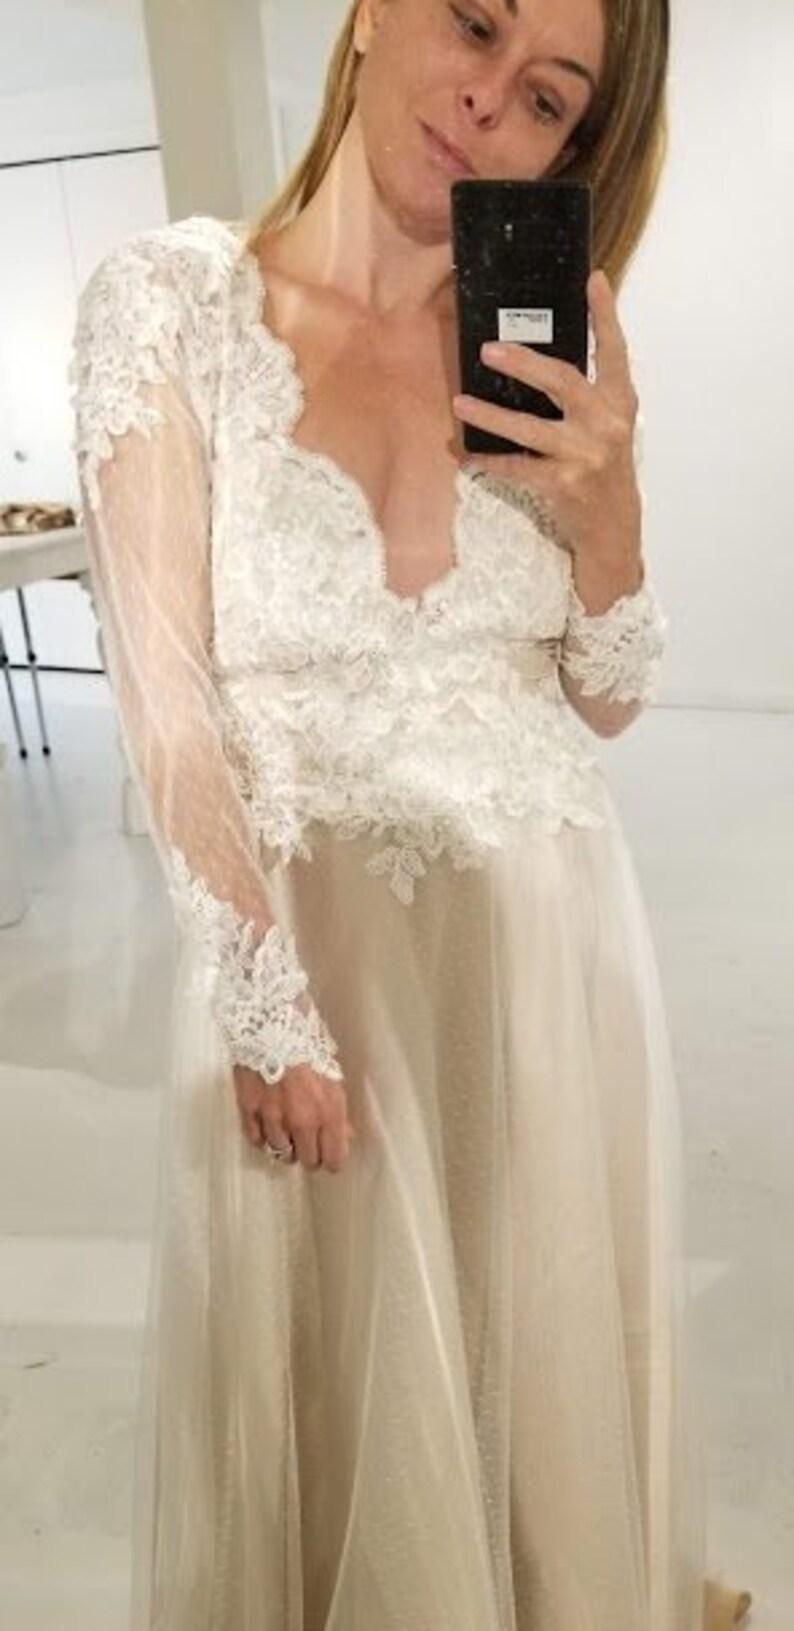 e911d5385b6 Bodysuit Tulle Skirt Wedding Dress